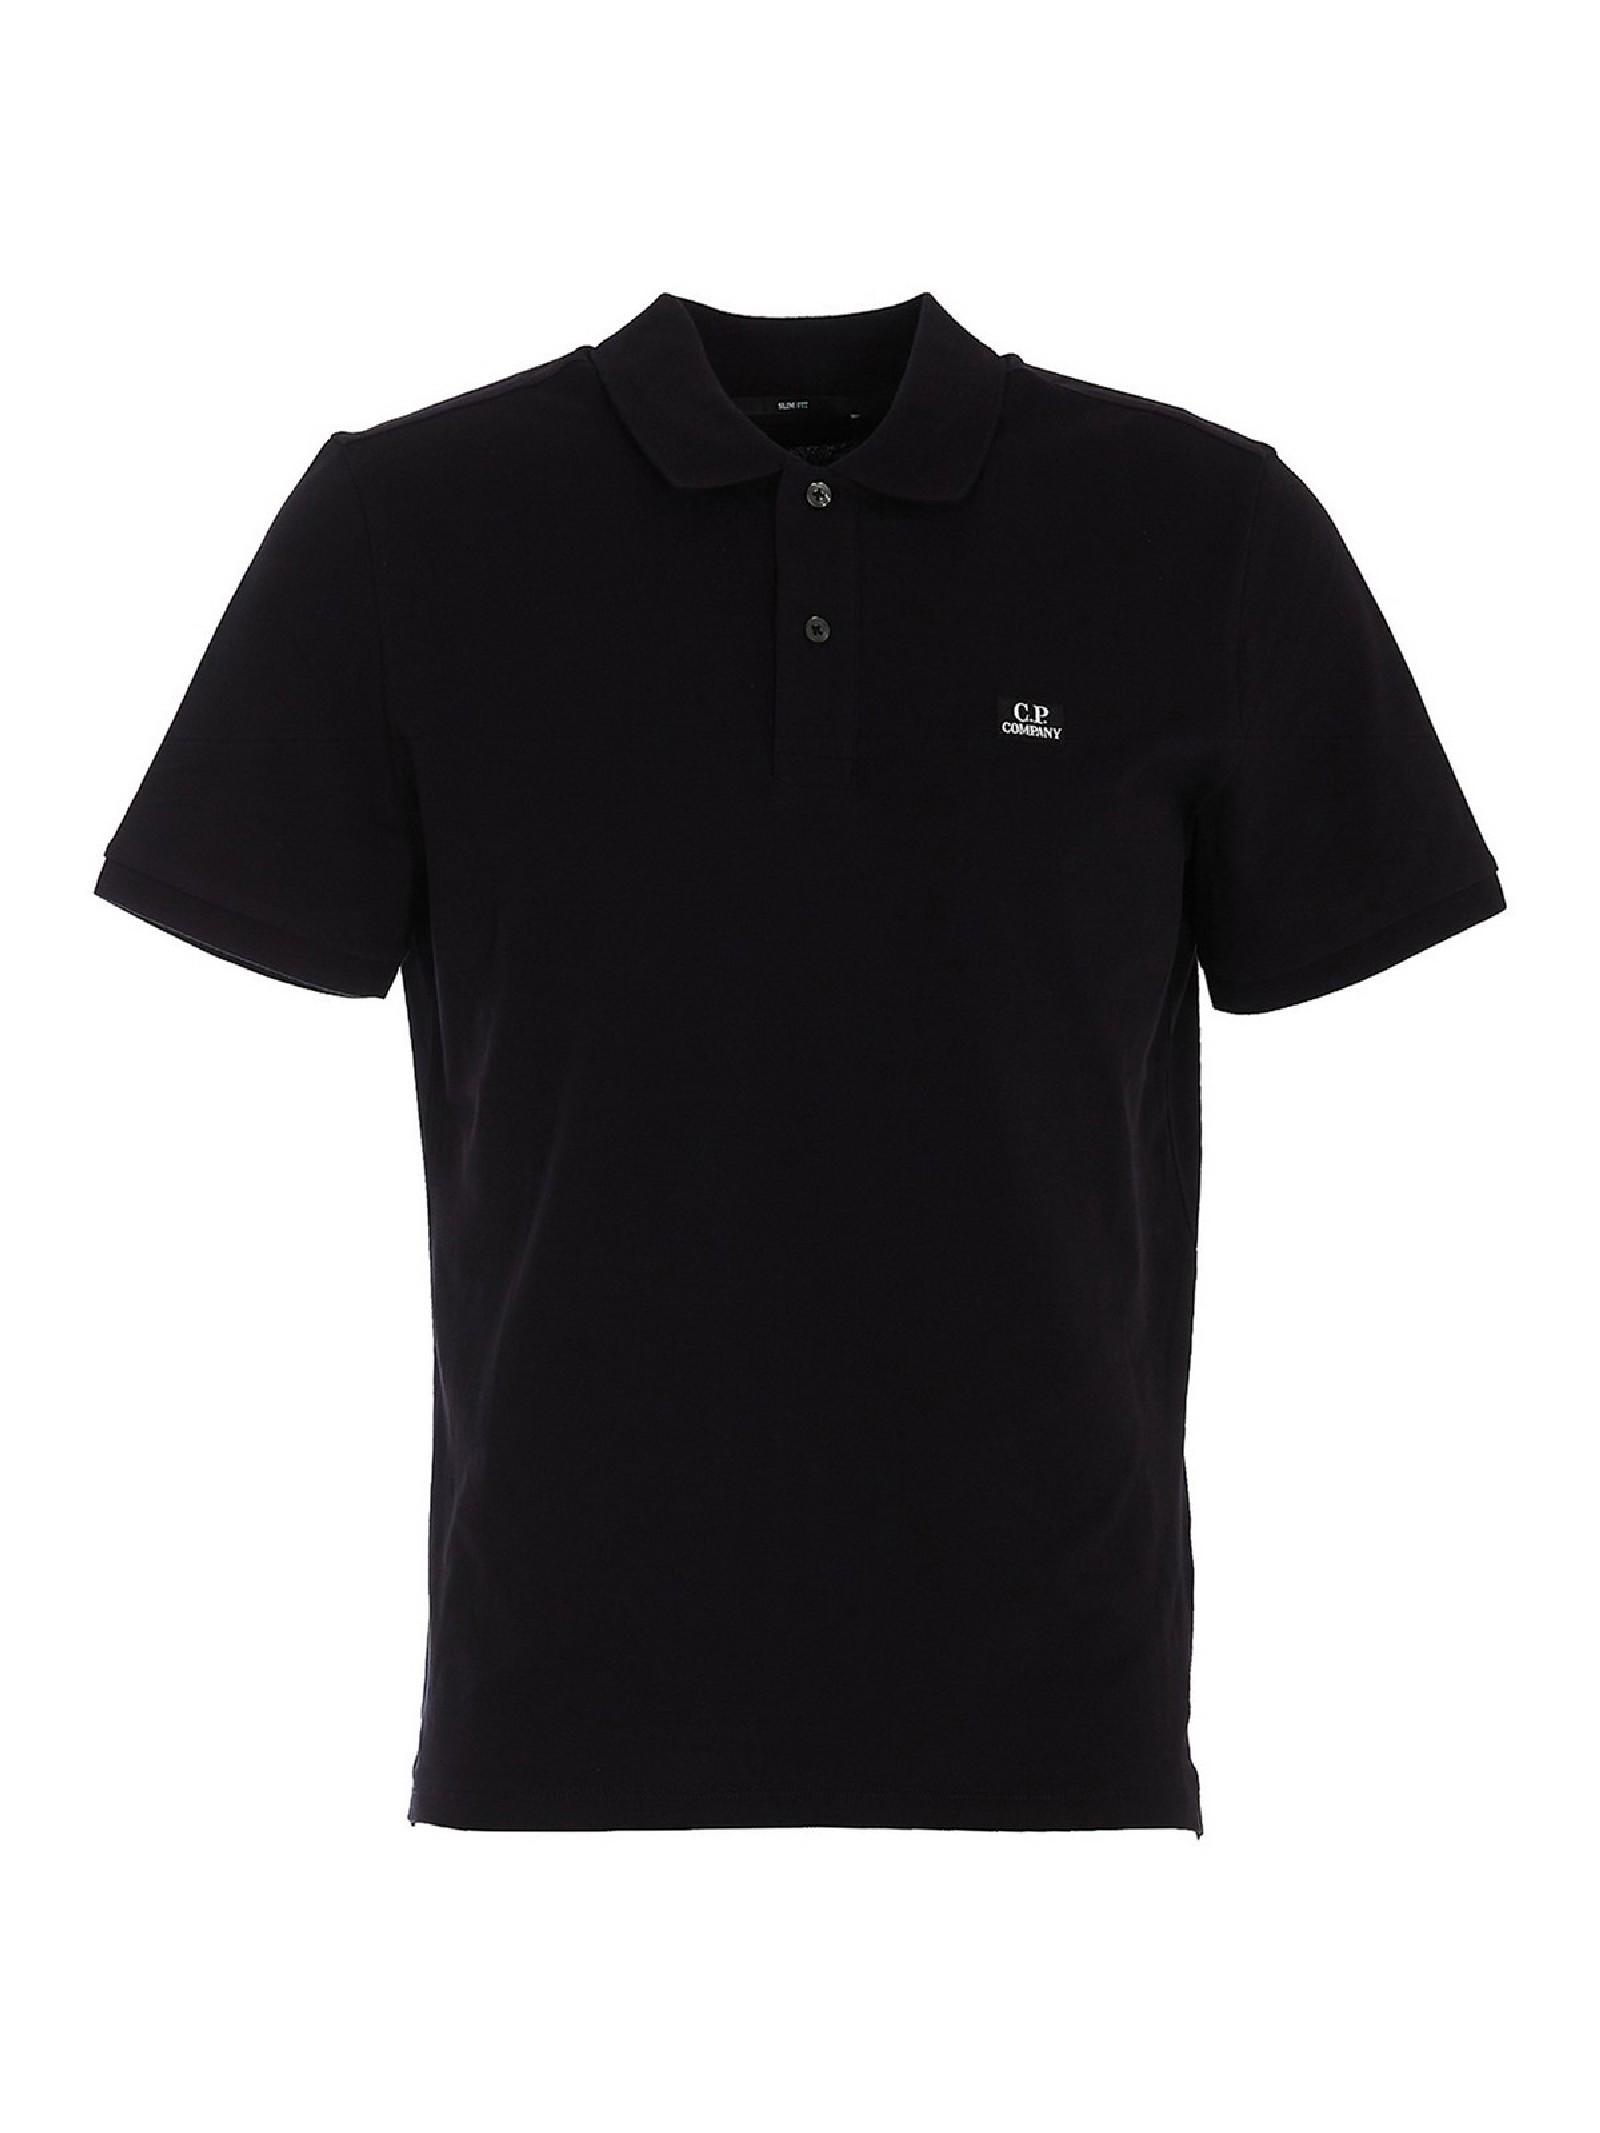 Polo in cotone C.P. COMPANY | Polo | MPL067A00 5263W999